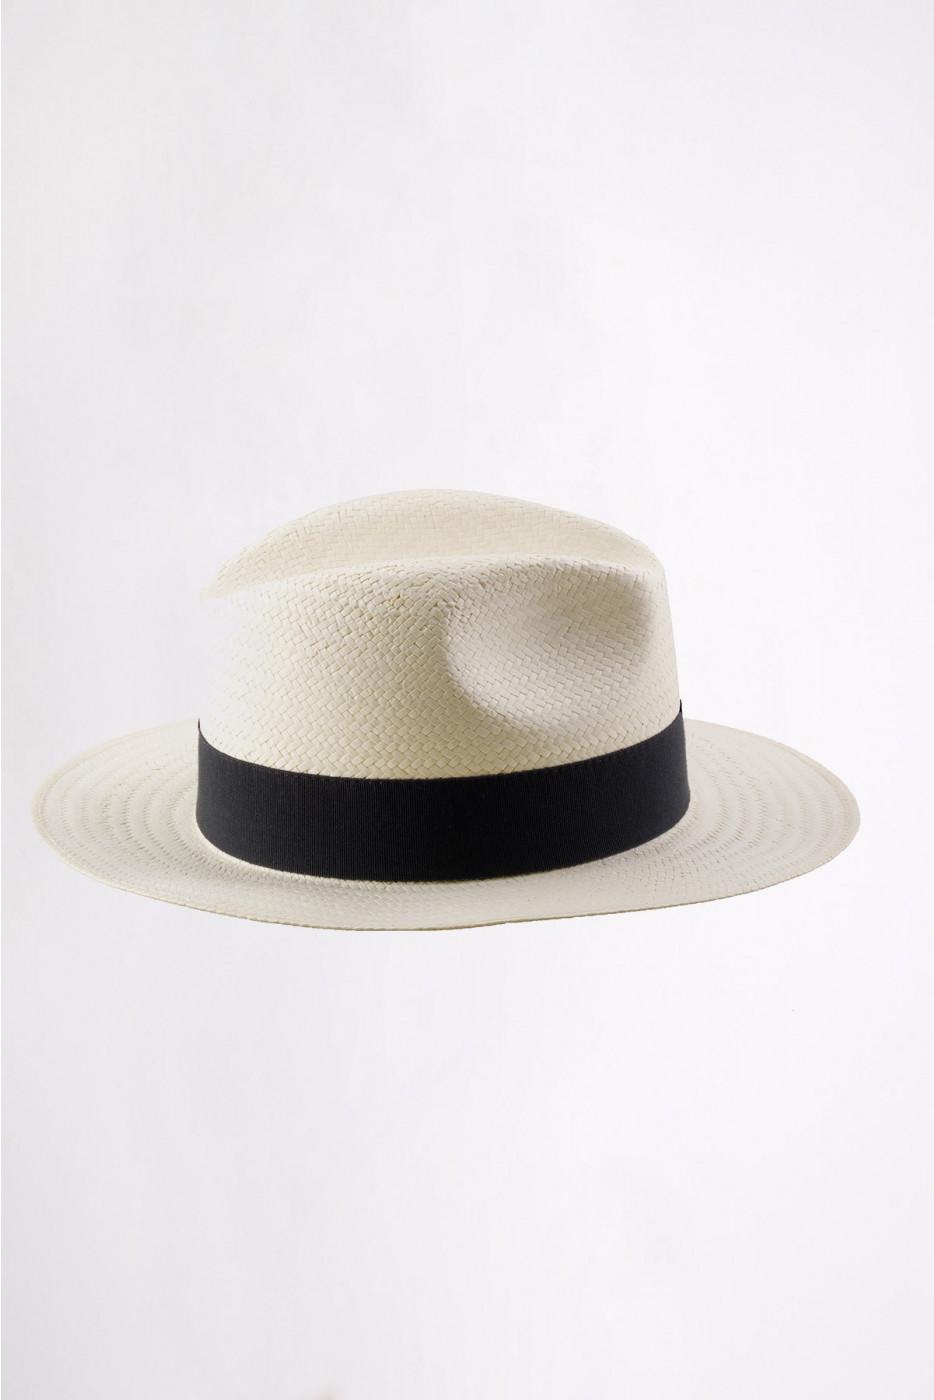 Chapeau de plage Panama Noir PANAMA CHAPEAU